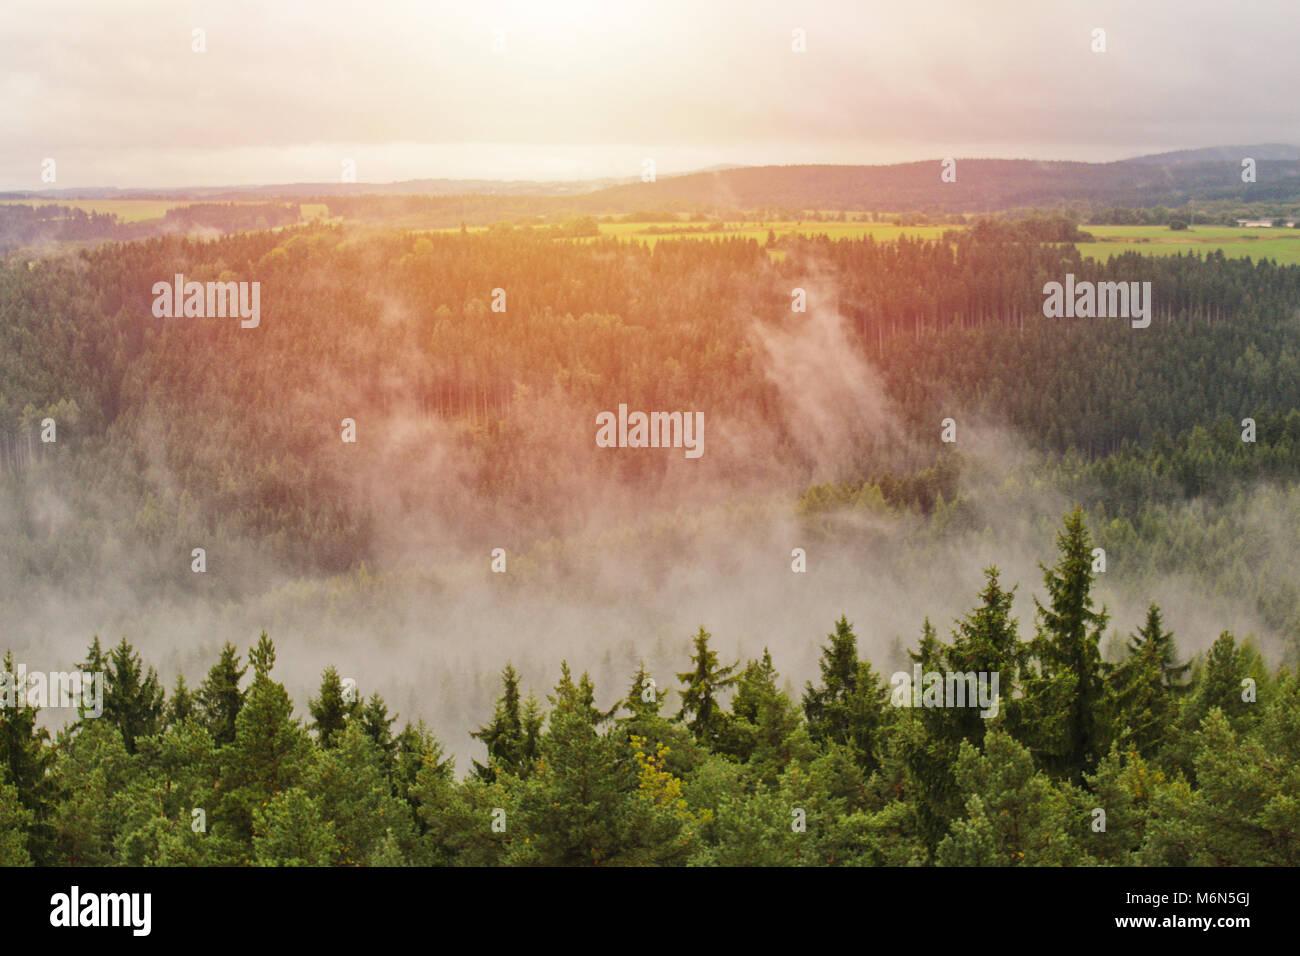 Brouillard brumeux sur les arbres et neadow a avec Sun, paysage tchèque Banque D'Images